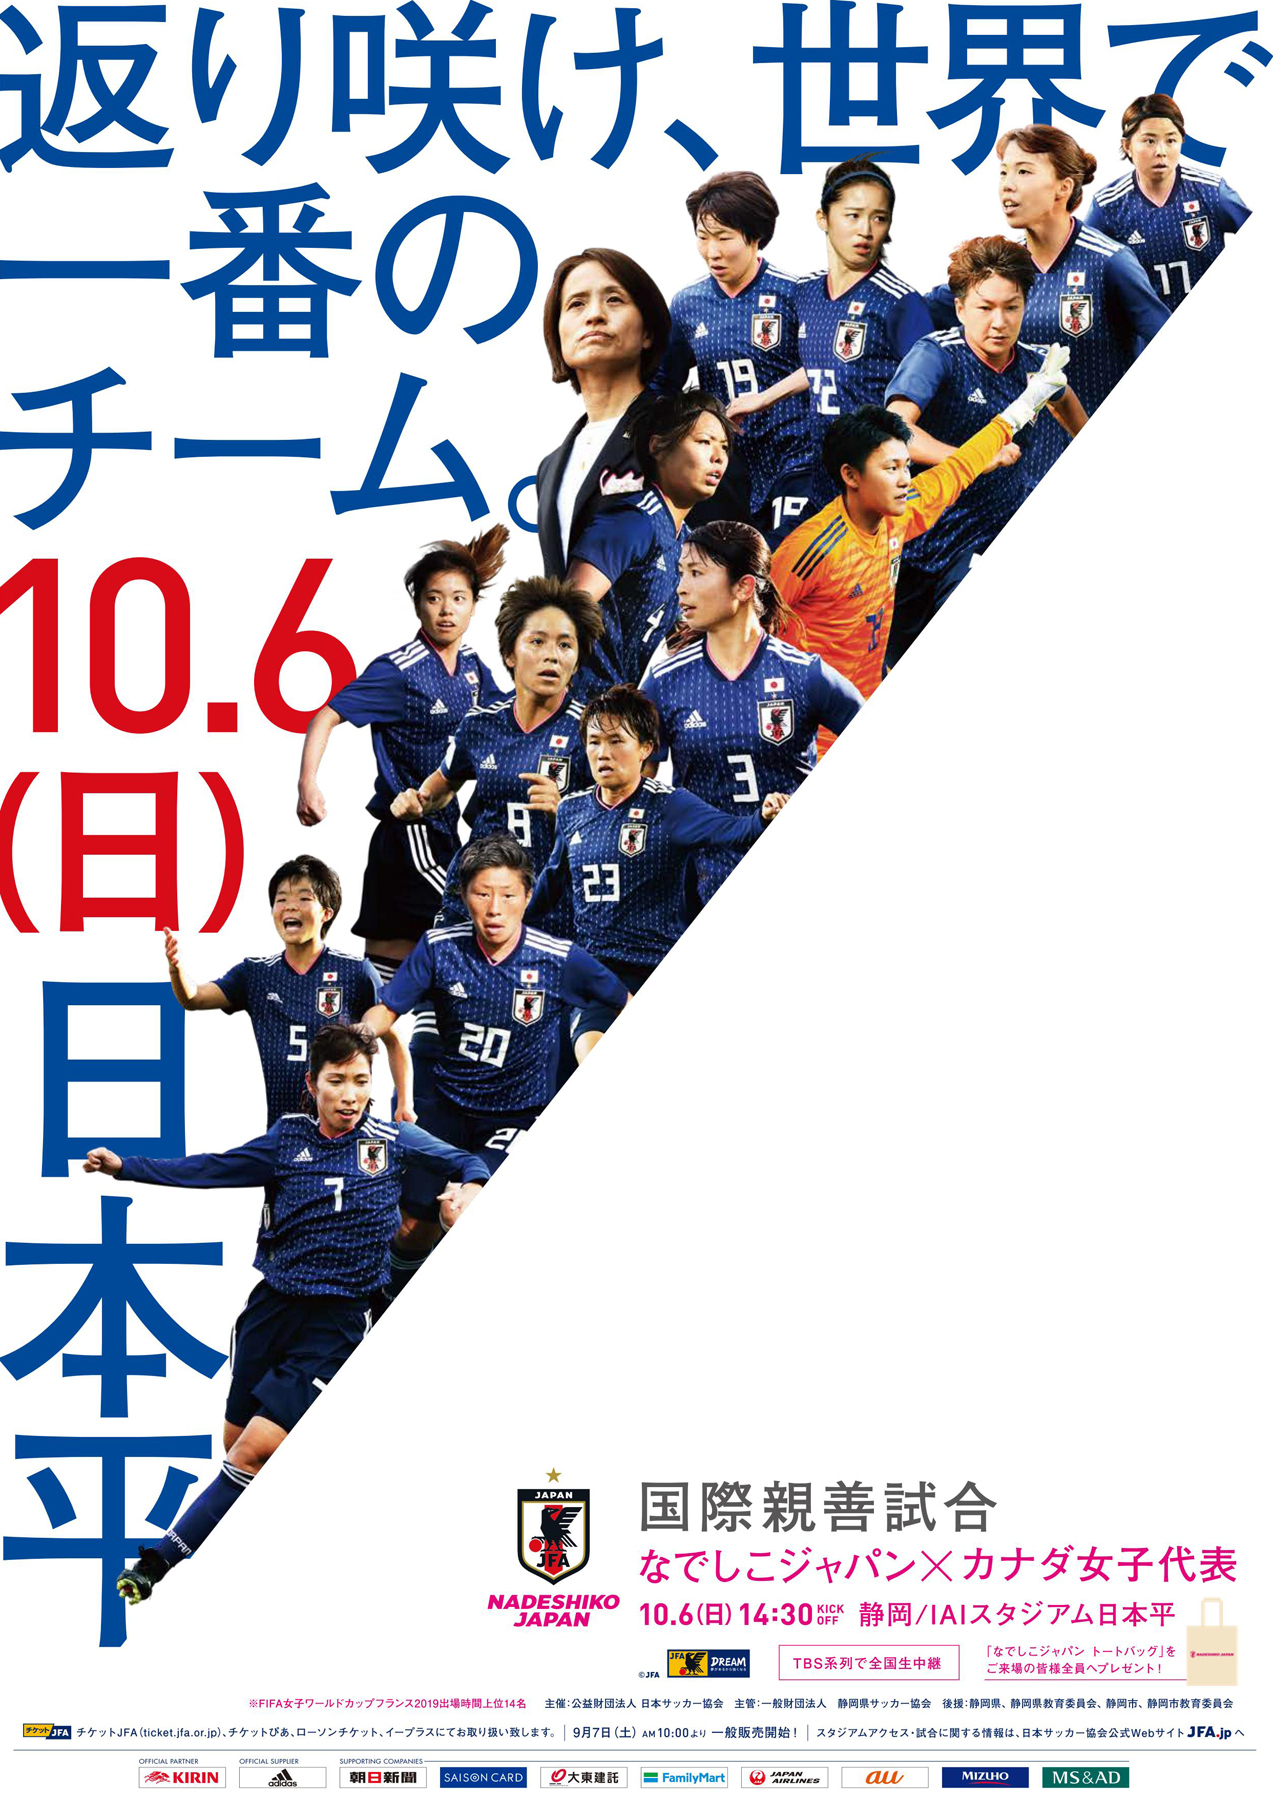 『FIFA女子ワールドカップフランス 2019』から『東京オリンピック』へ、なでしこが世界の頂点へ返り咲くかの試金石となる